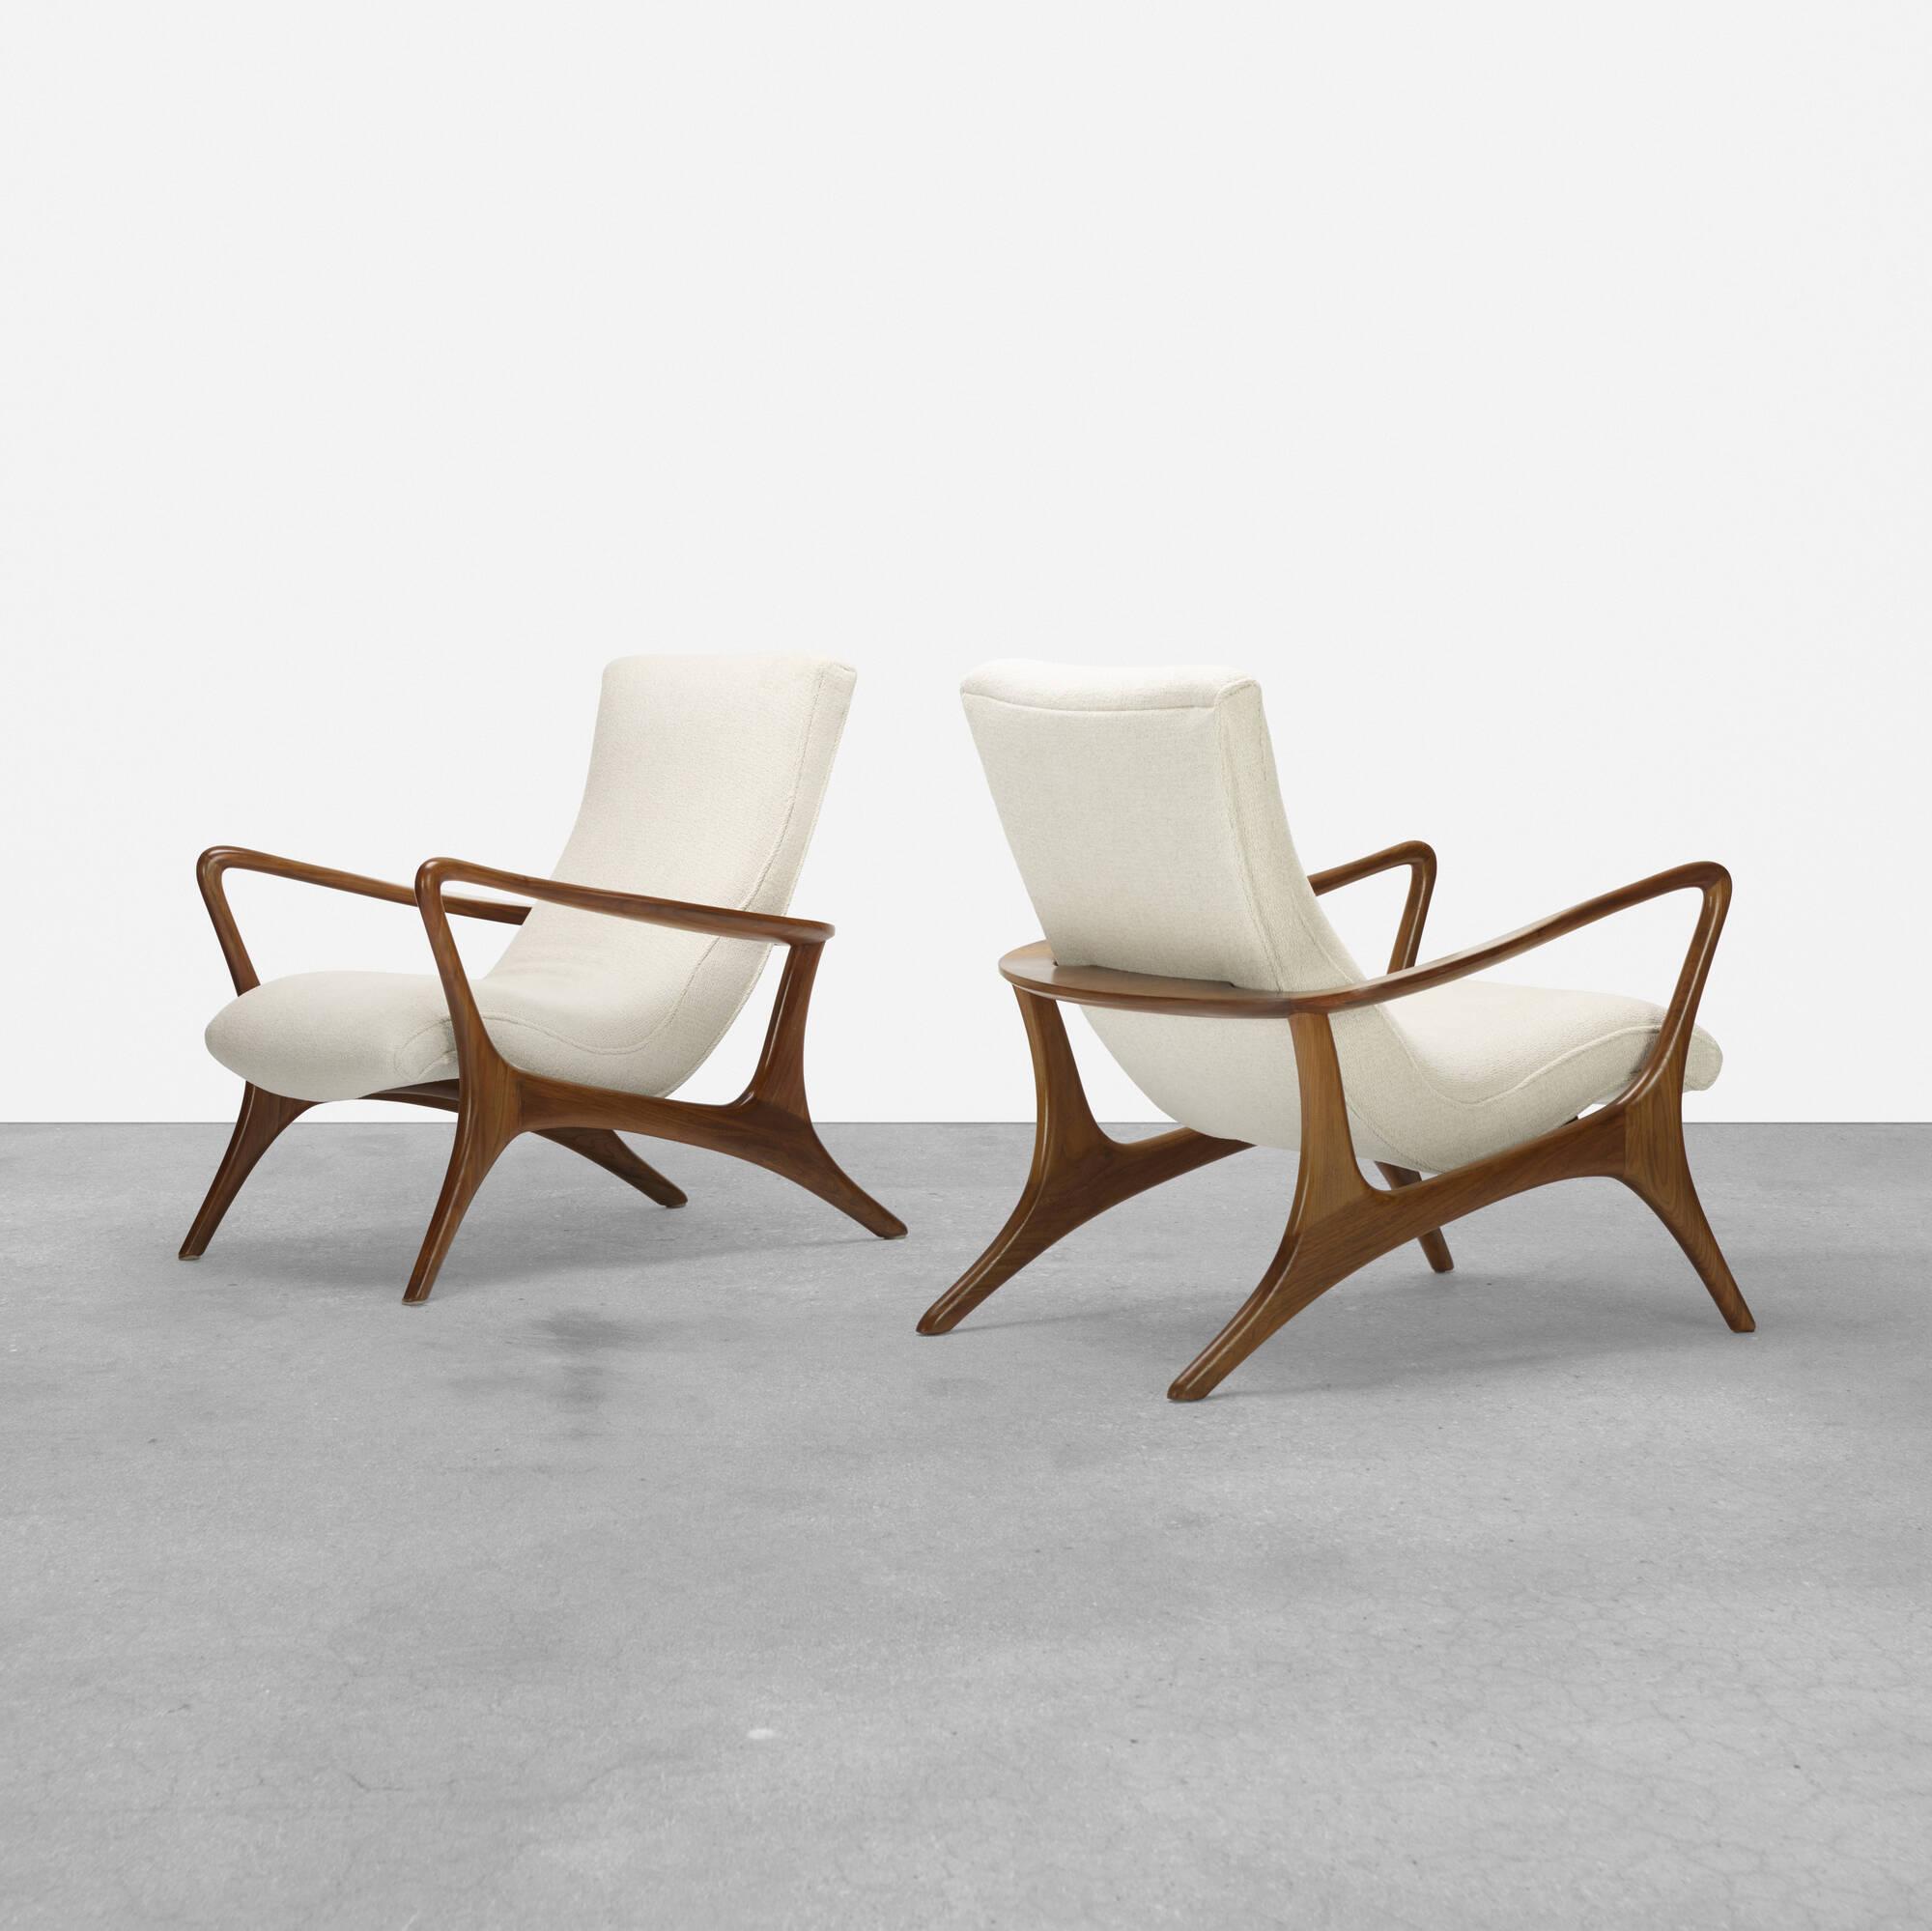 410: Vladimir Kagan / Contour Lounge Chairs, Pair (1 Of 4)